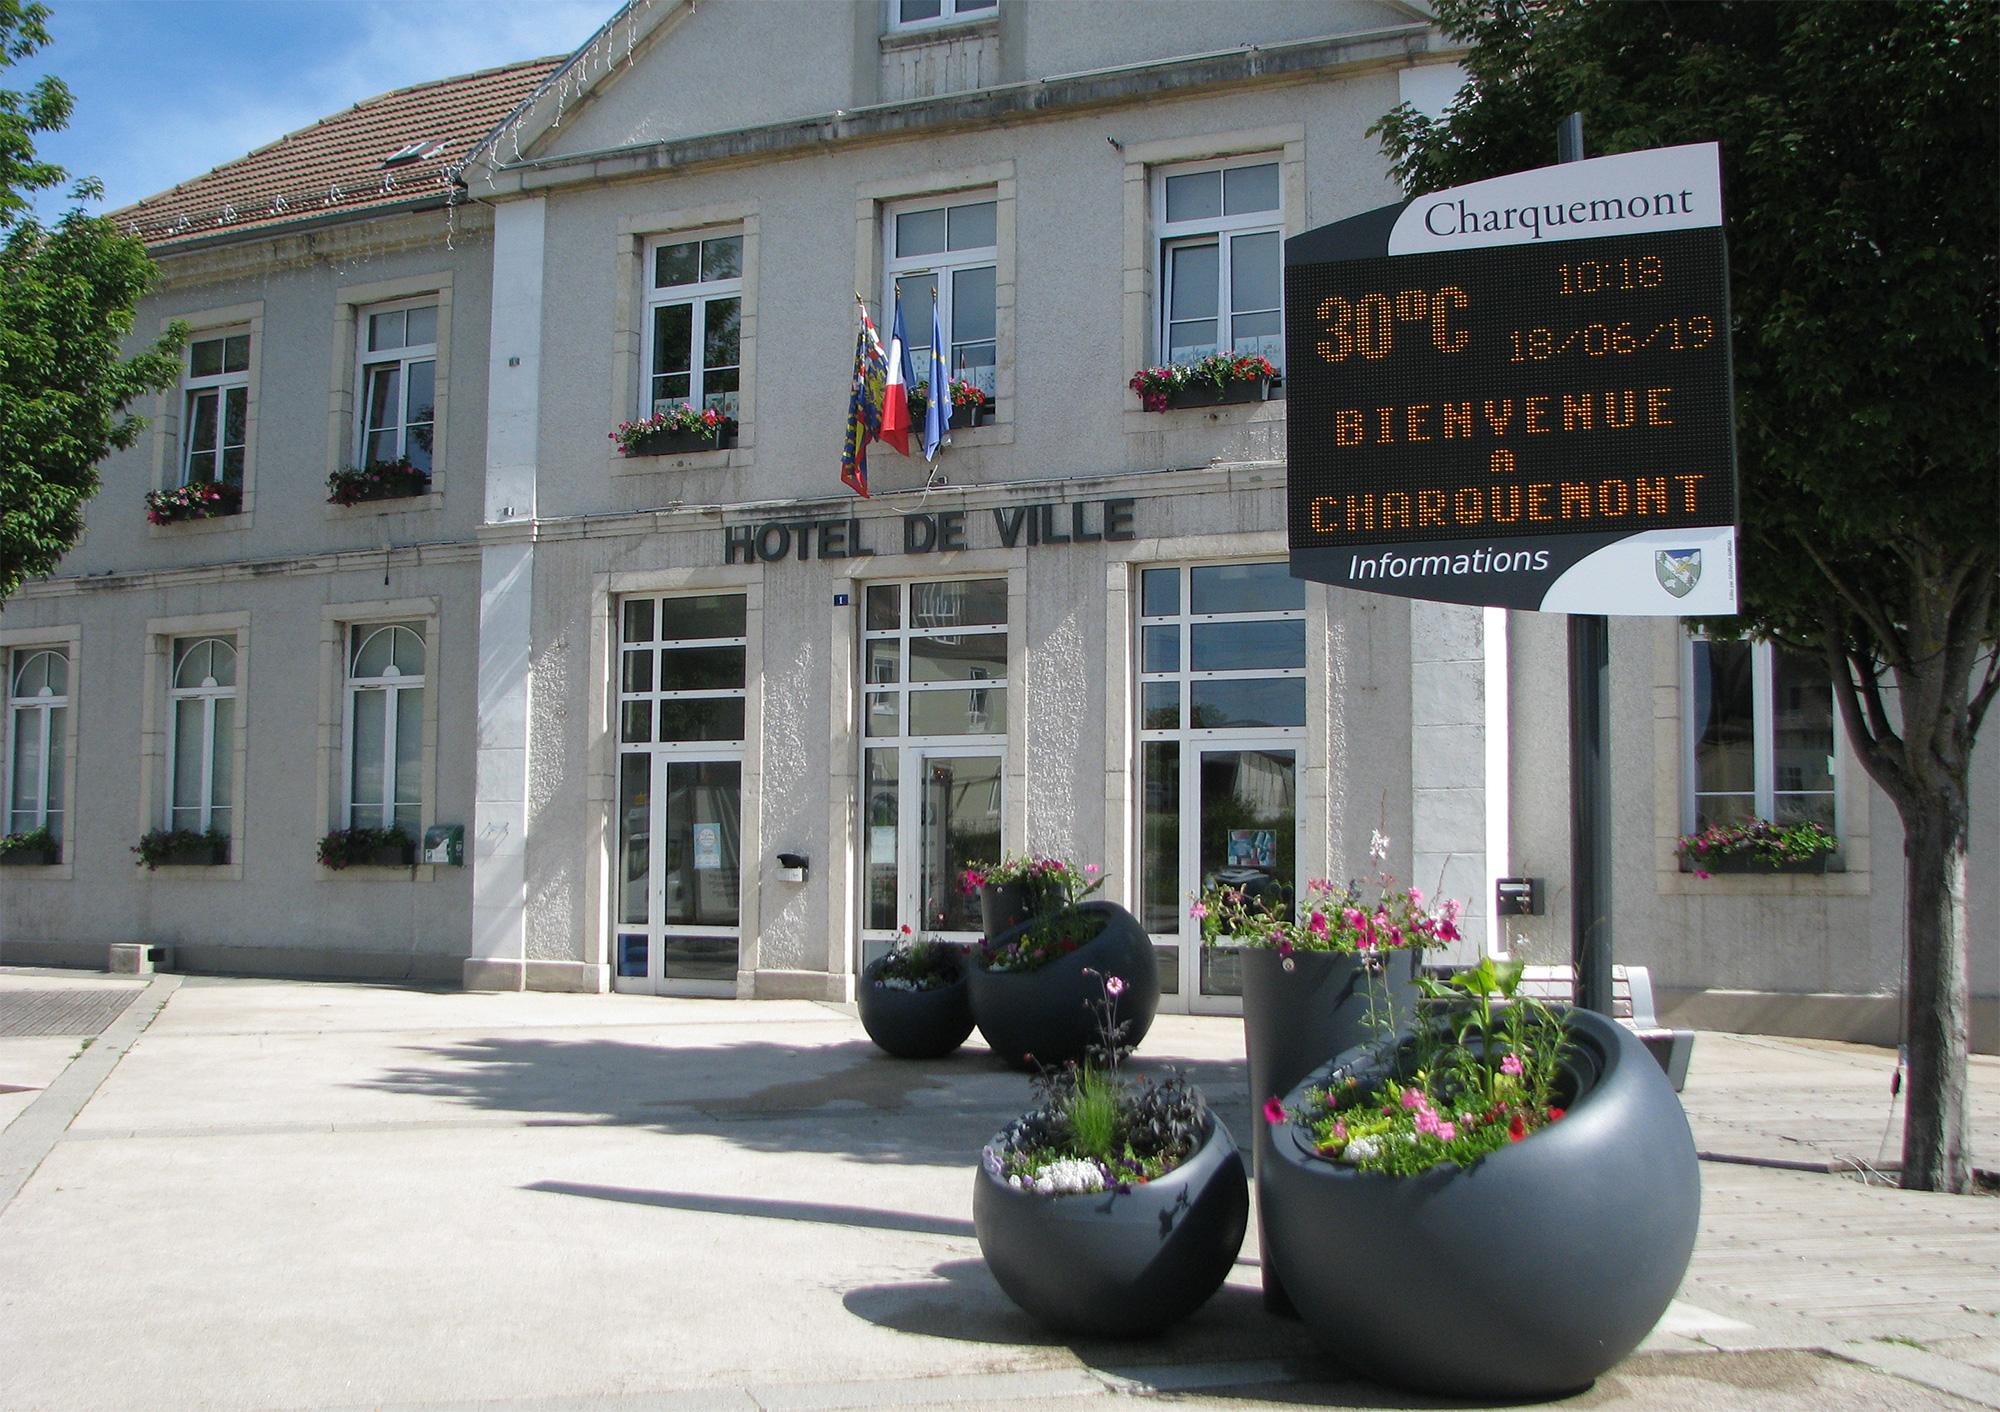 Bienvenue à Charquemont